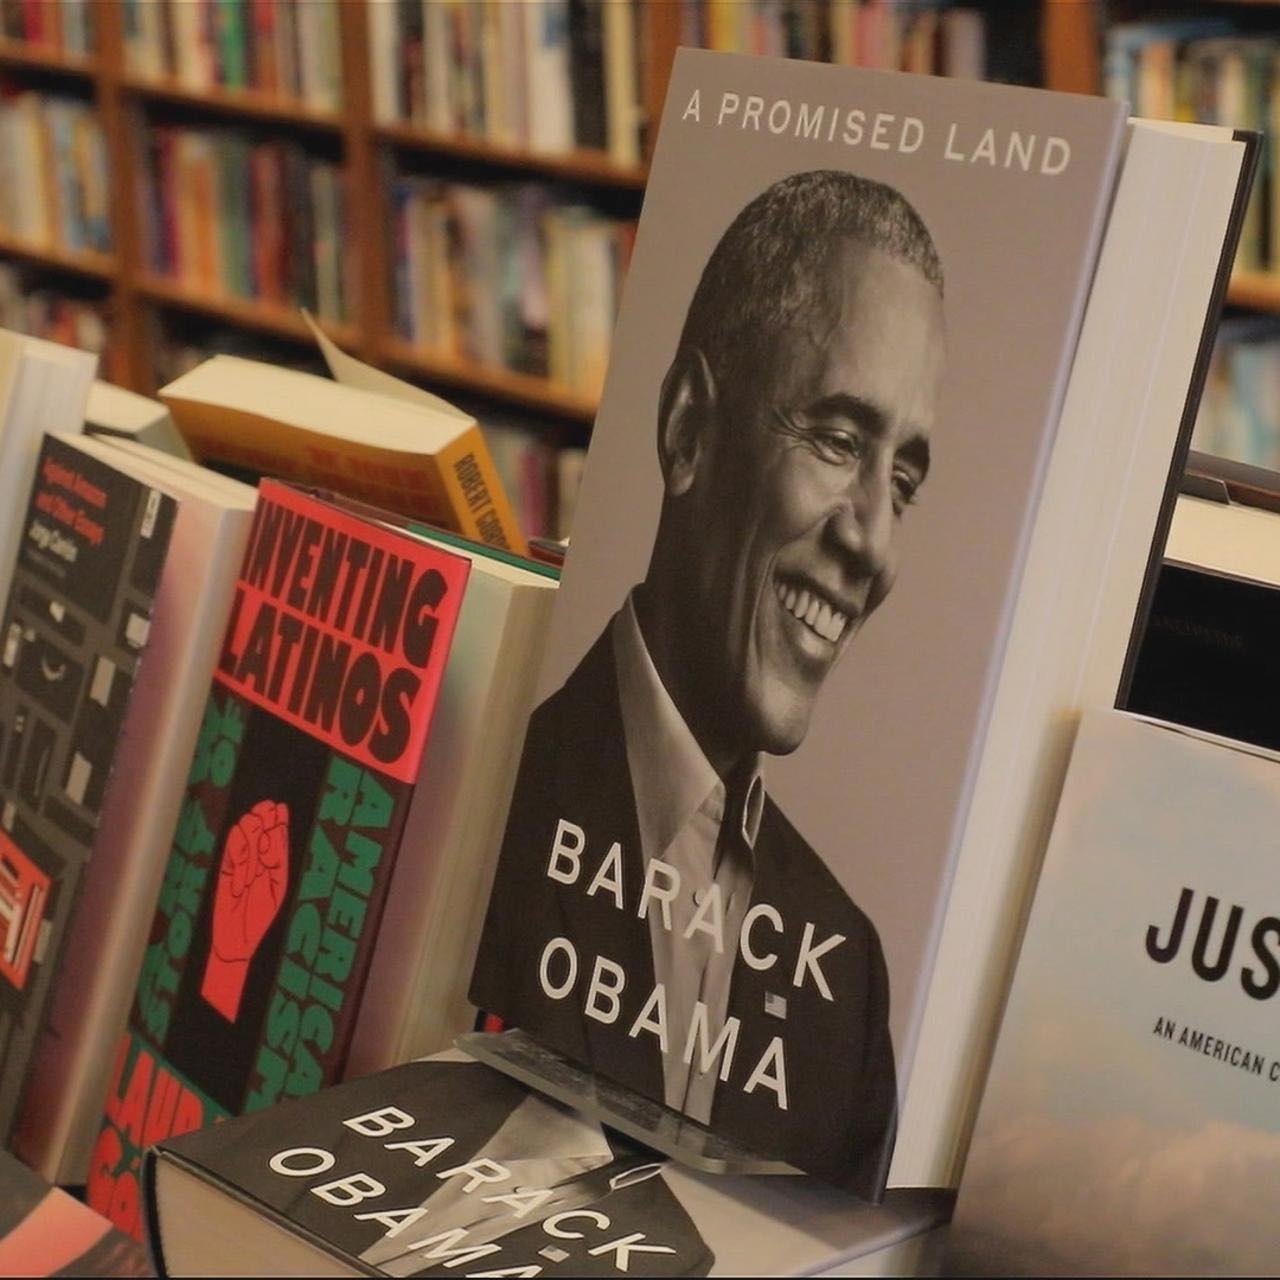 First News Trí Việt mua được bản quyền cuốn hồi ký của cựu Tổng thống Obama - Ảnh 1.